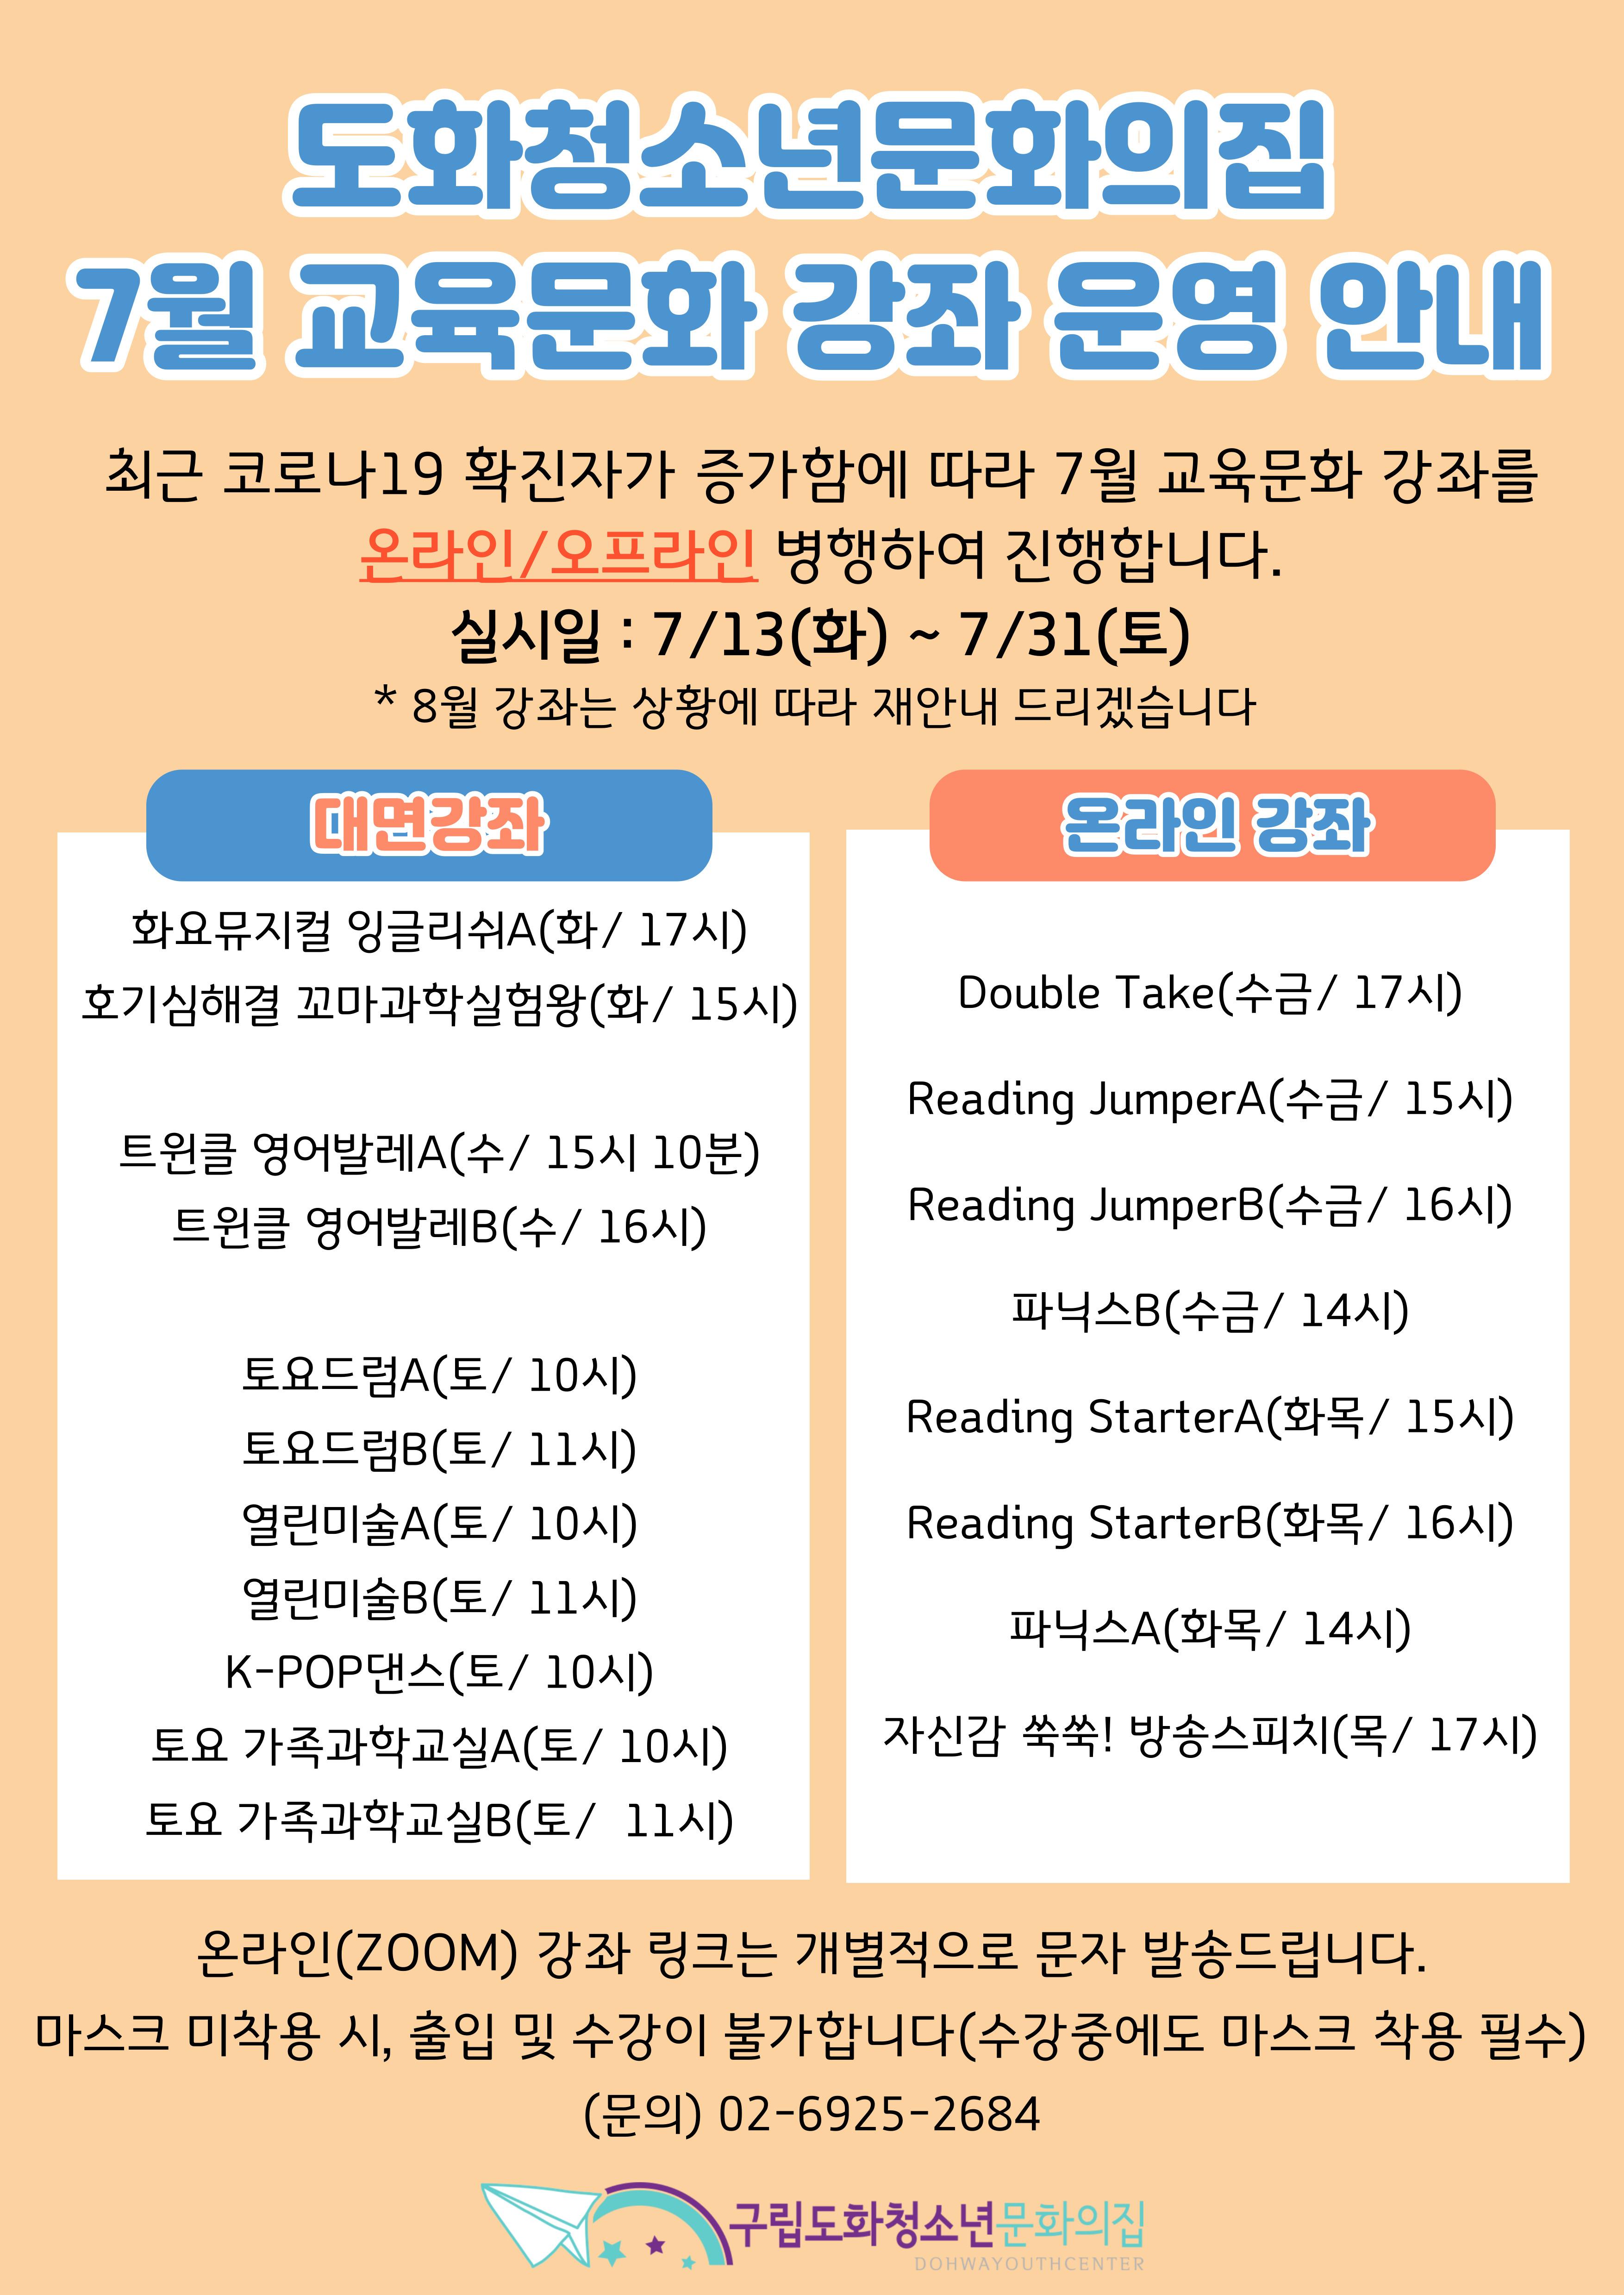 7월 강좌운영 안내(온오프라인).jpg